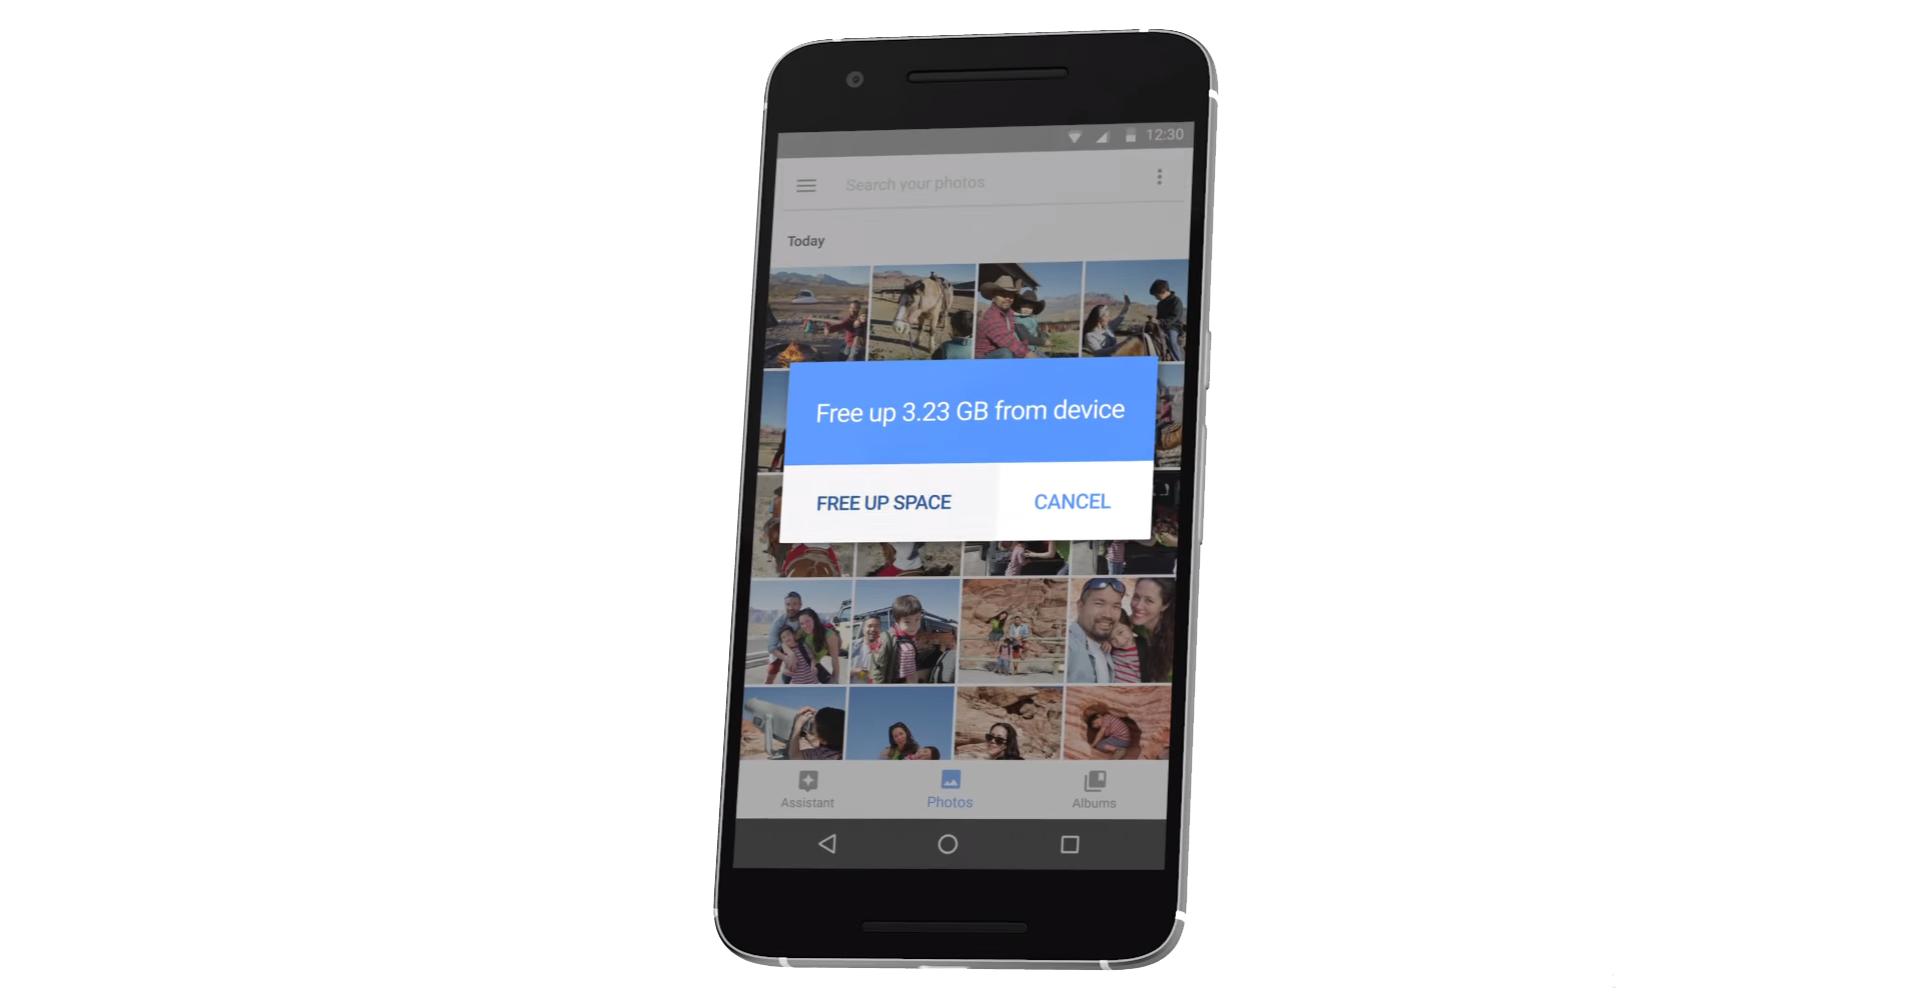 googlephotos_freeupspace